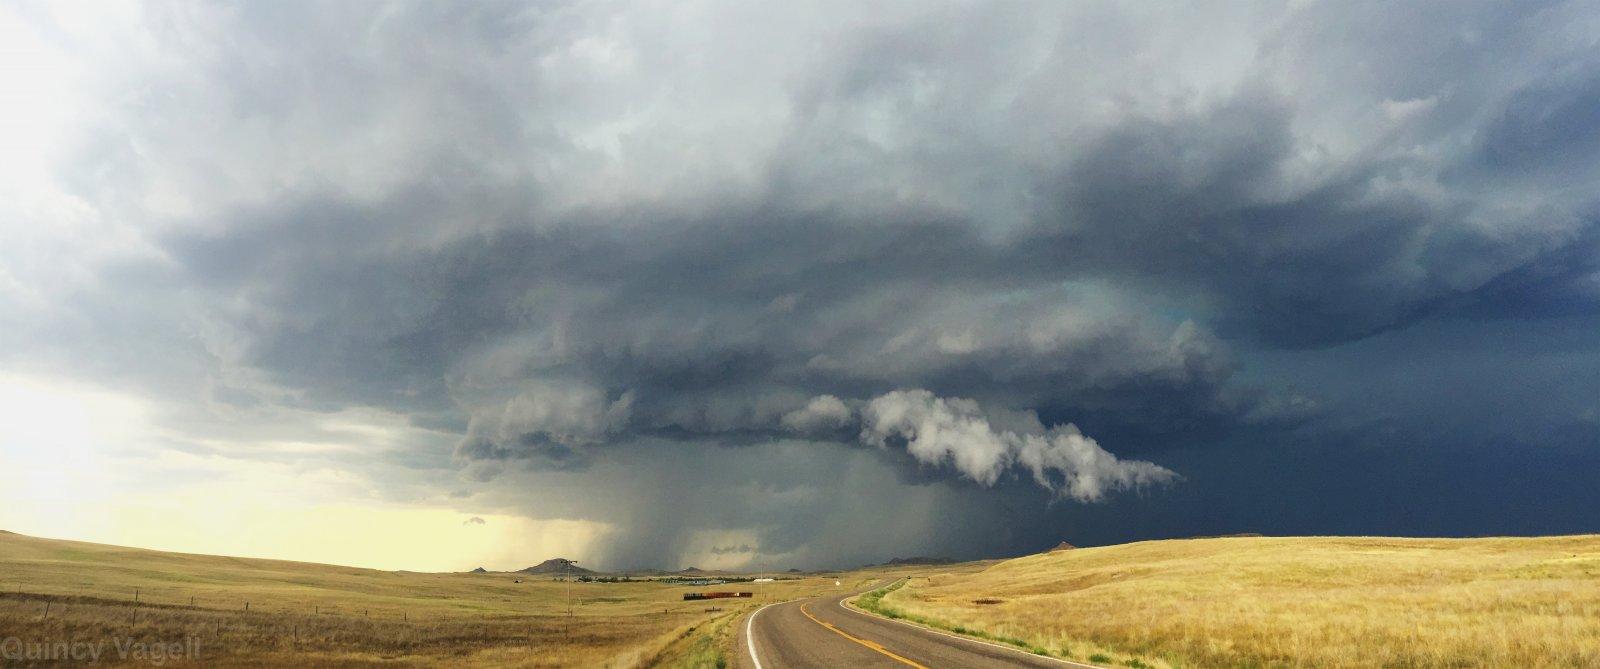 Stormy South Dakota